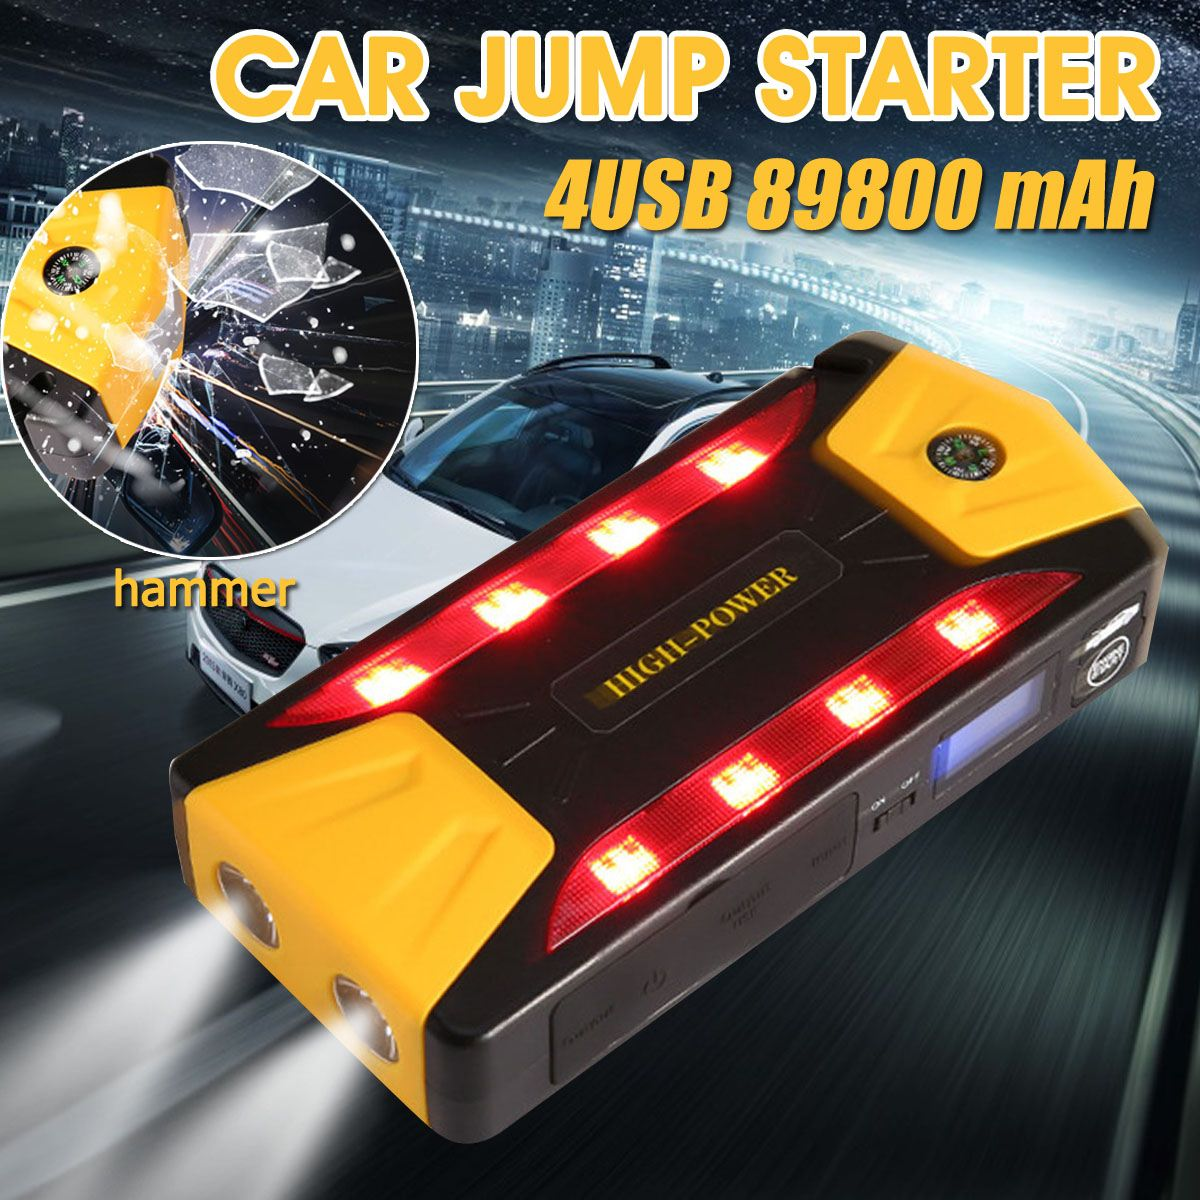 12 V 600A batterie externe 89800 mAh démarreur de saut de voiture 4USB Portable multifonction voiture batterie Booster dispositif de démarrage de secours